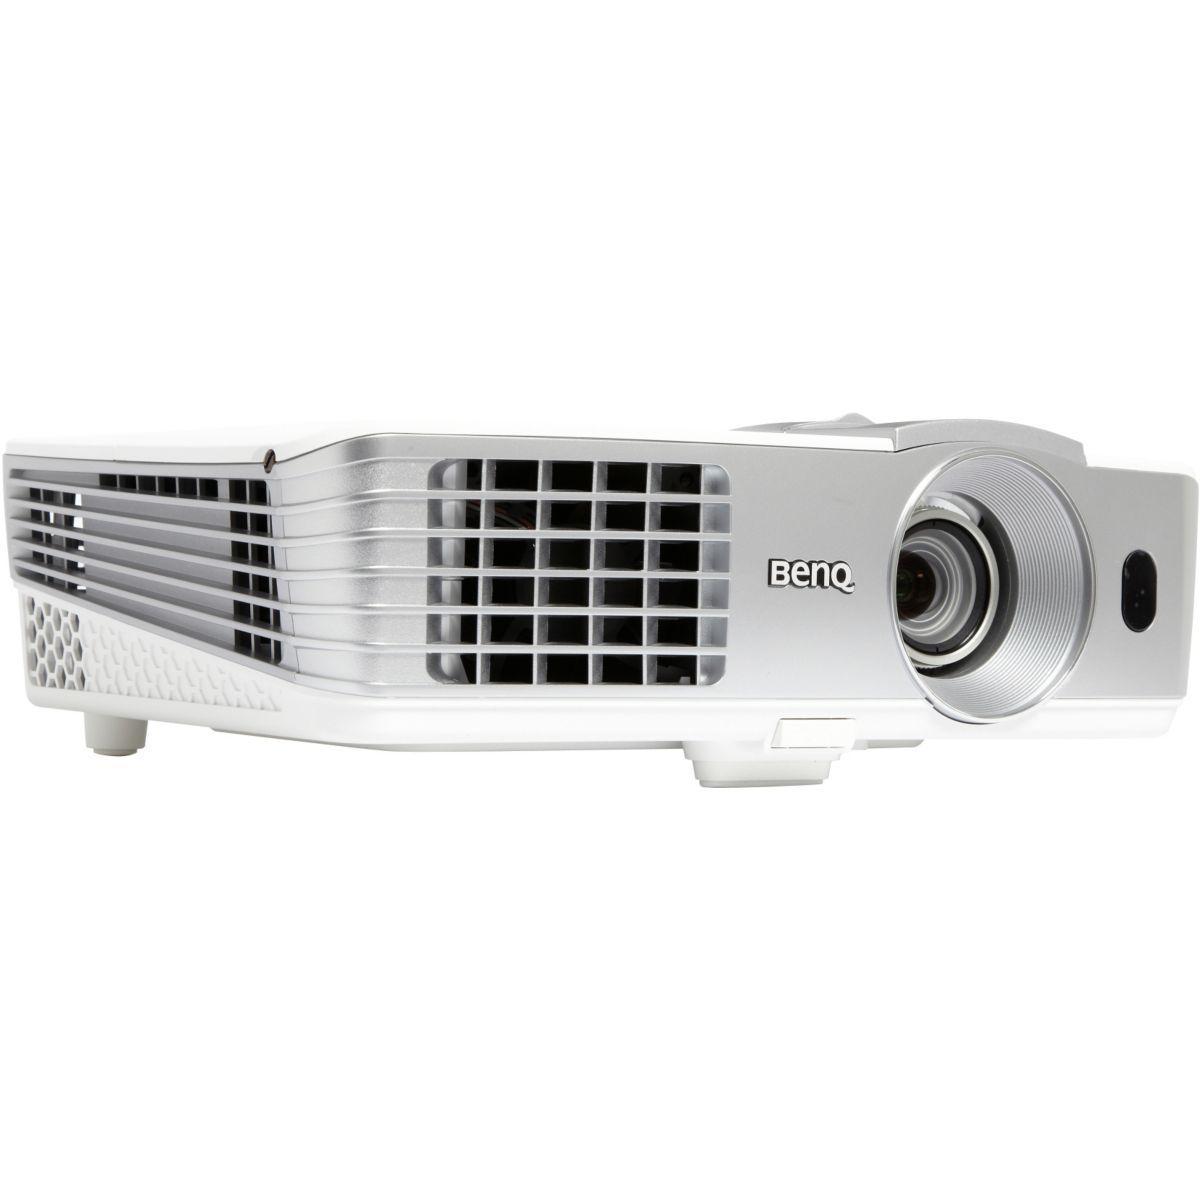 Pack promo vidéoprojecteur home cinema benq w1070+ + ecran de projection oray 2000 home cinema (135x240) portable (photo)